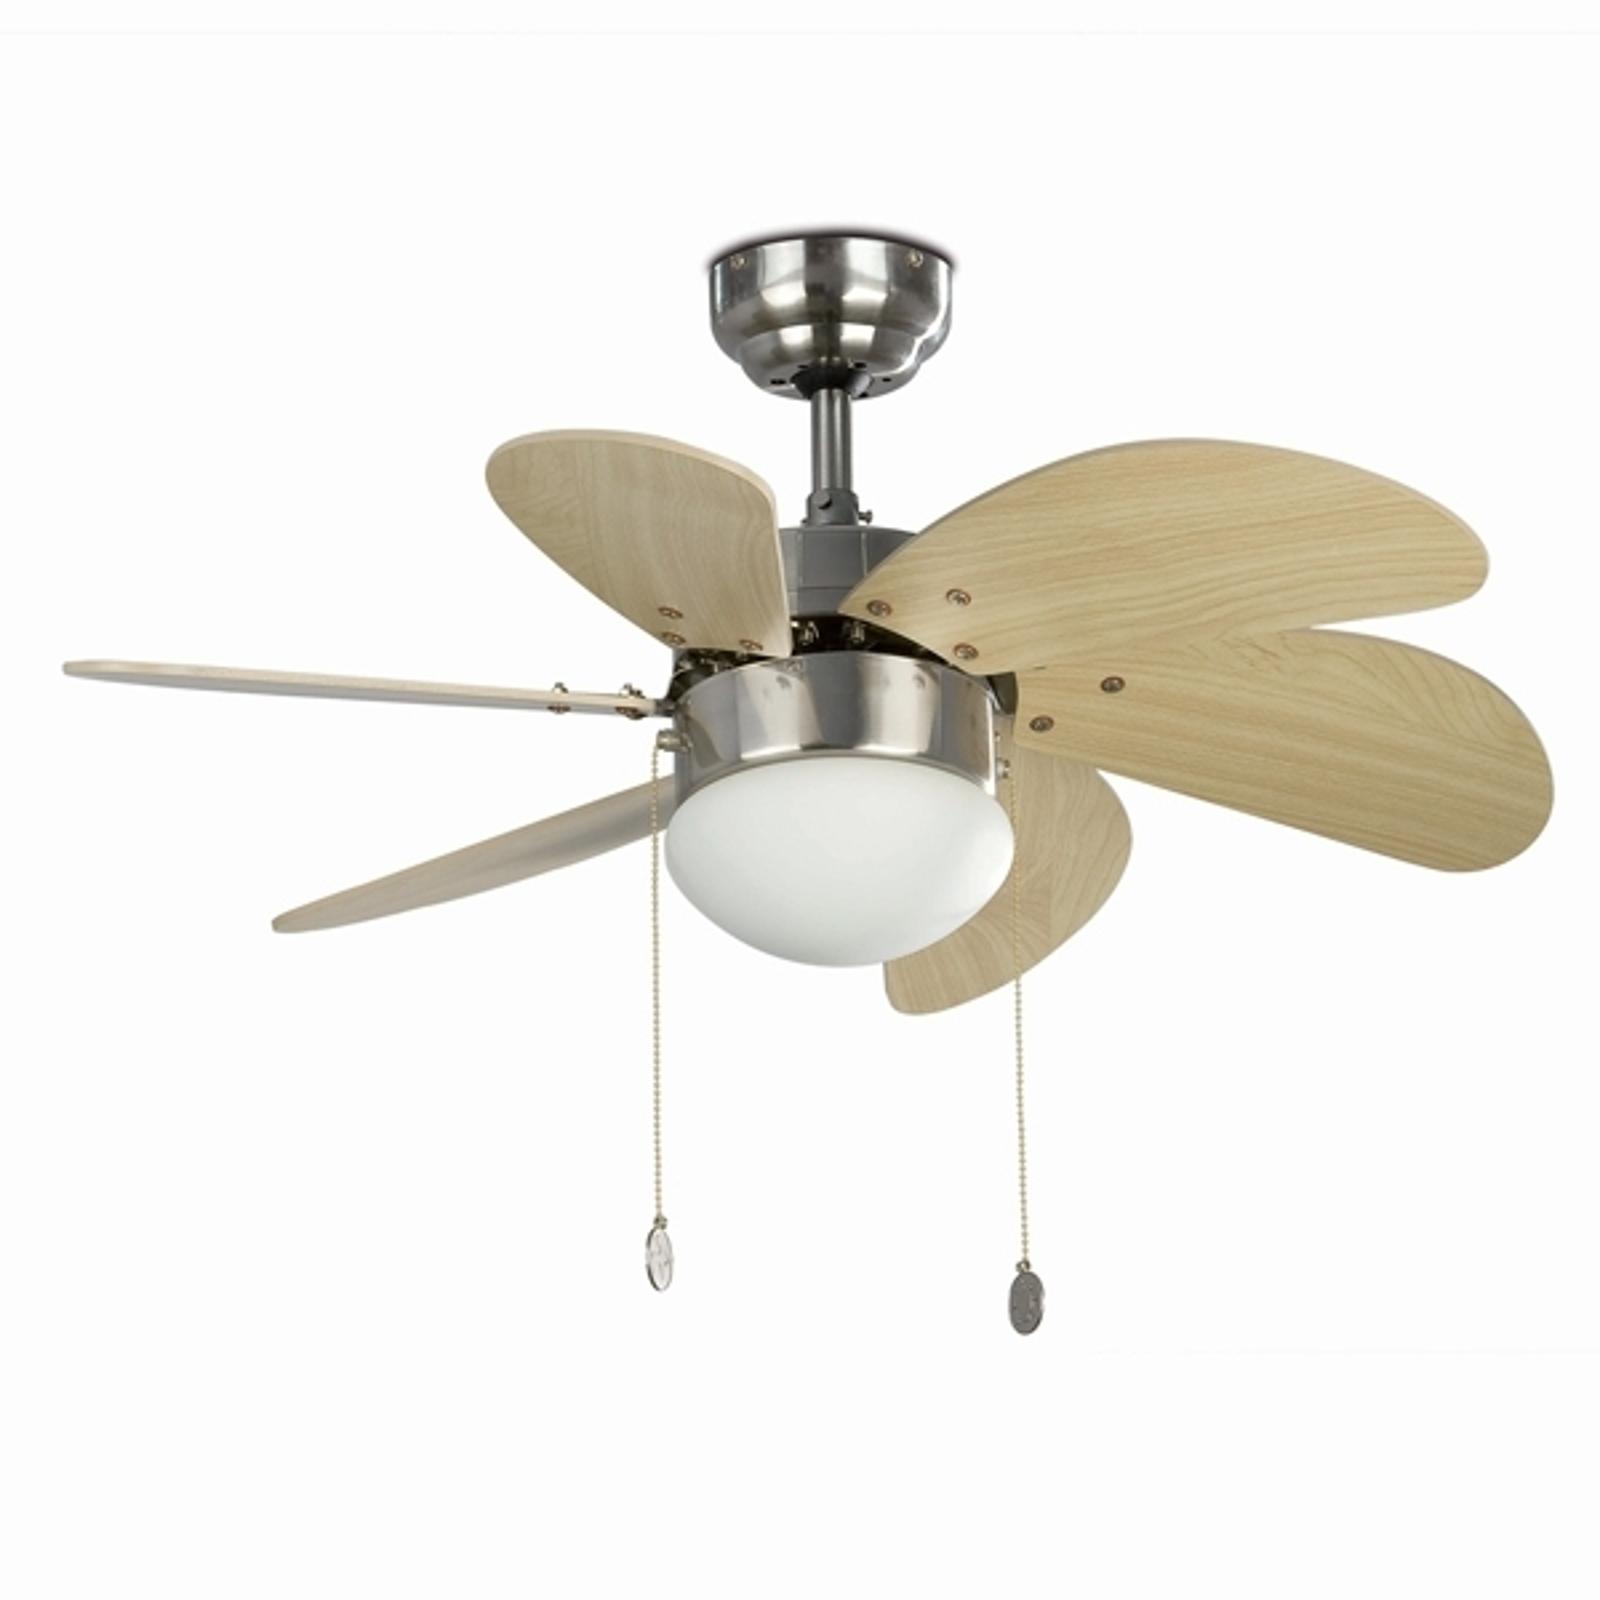 Stropný ventilátor Palao so svetlom, matná niklová_3506039_1